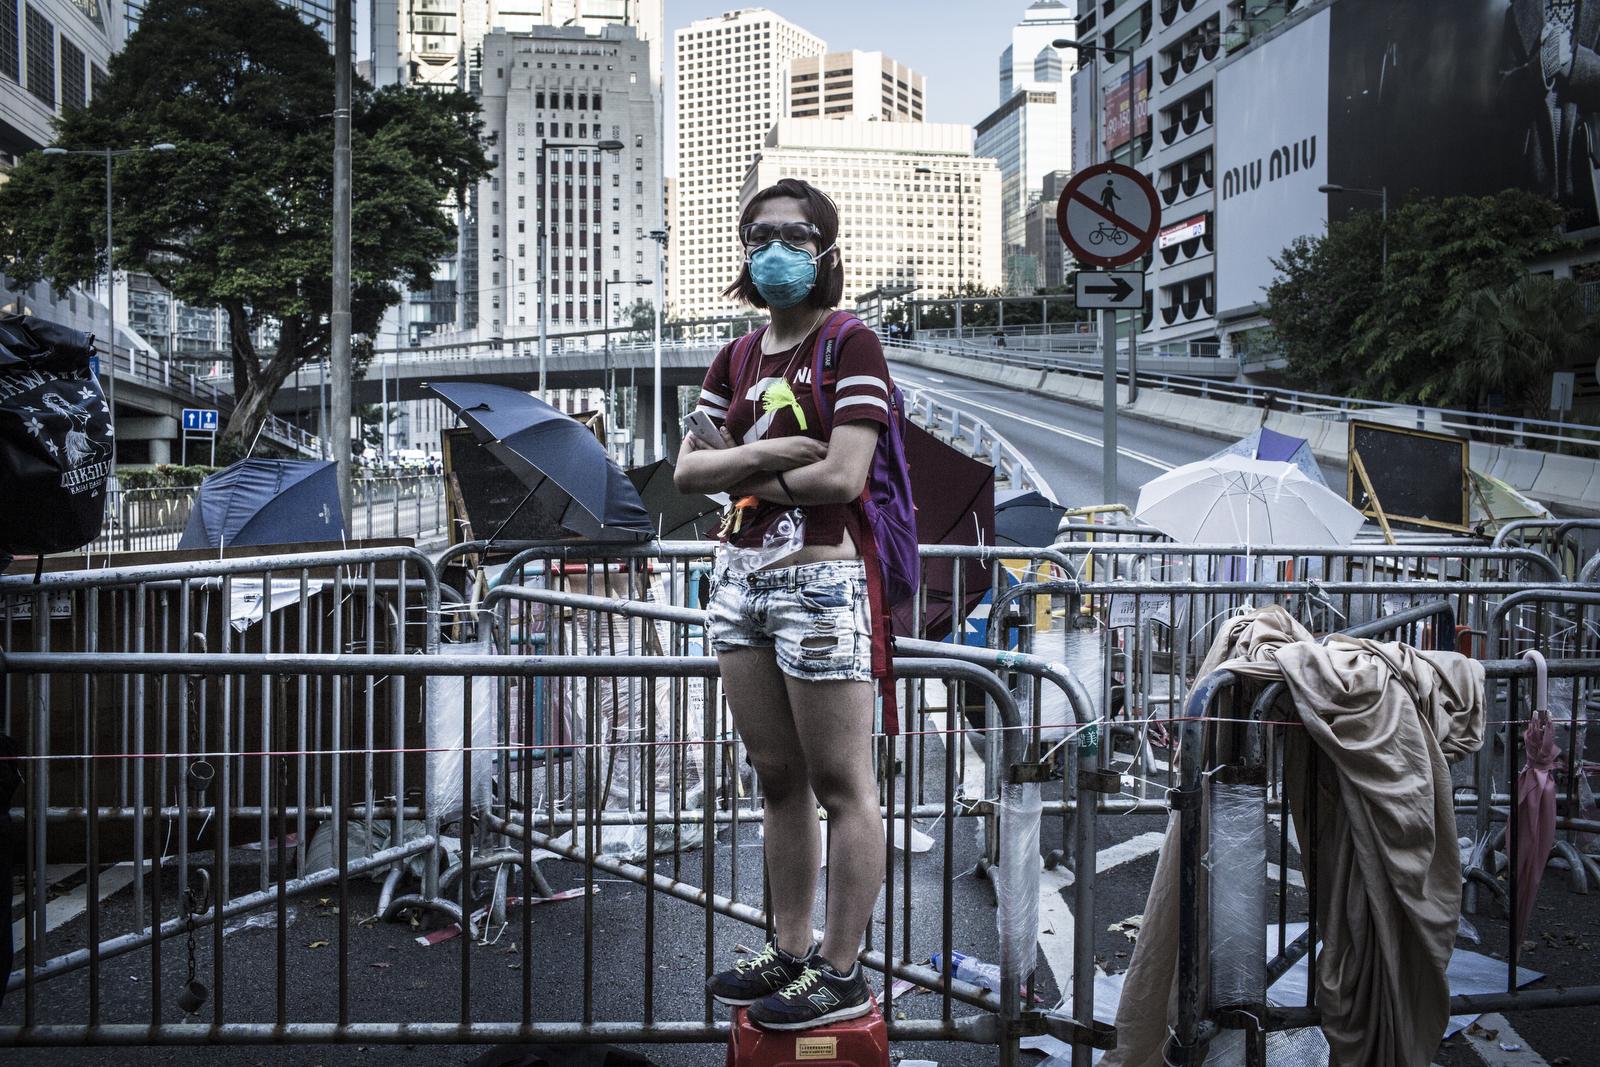 MATHIEU_WILLCOCKS_Hong Kong_Protest_0006.jpg